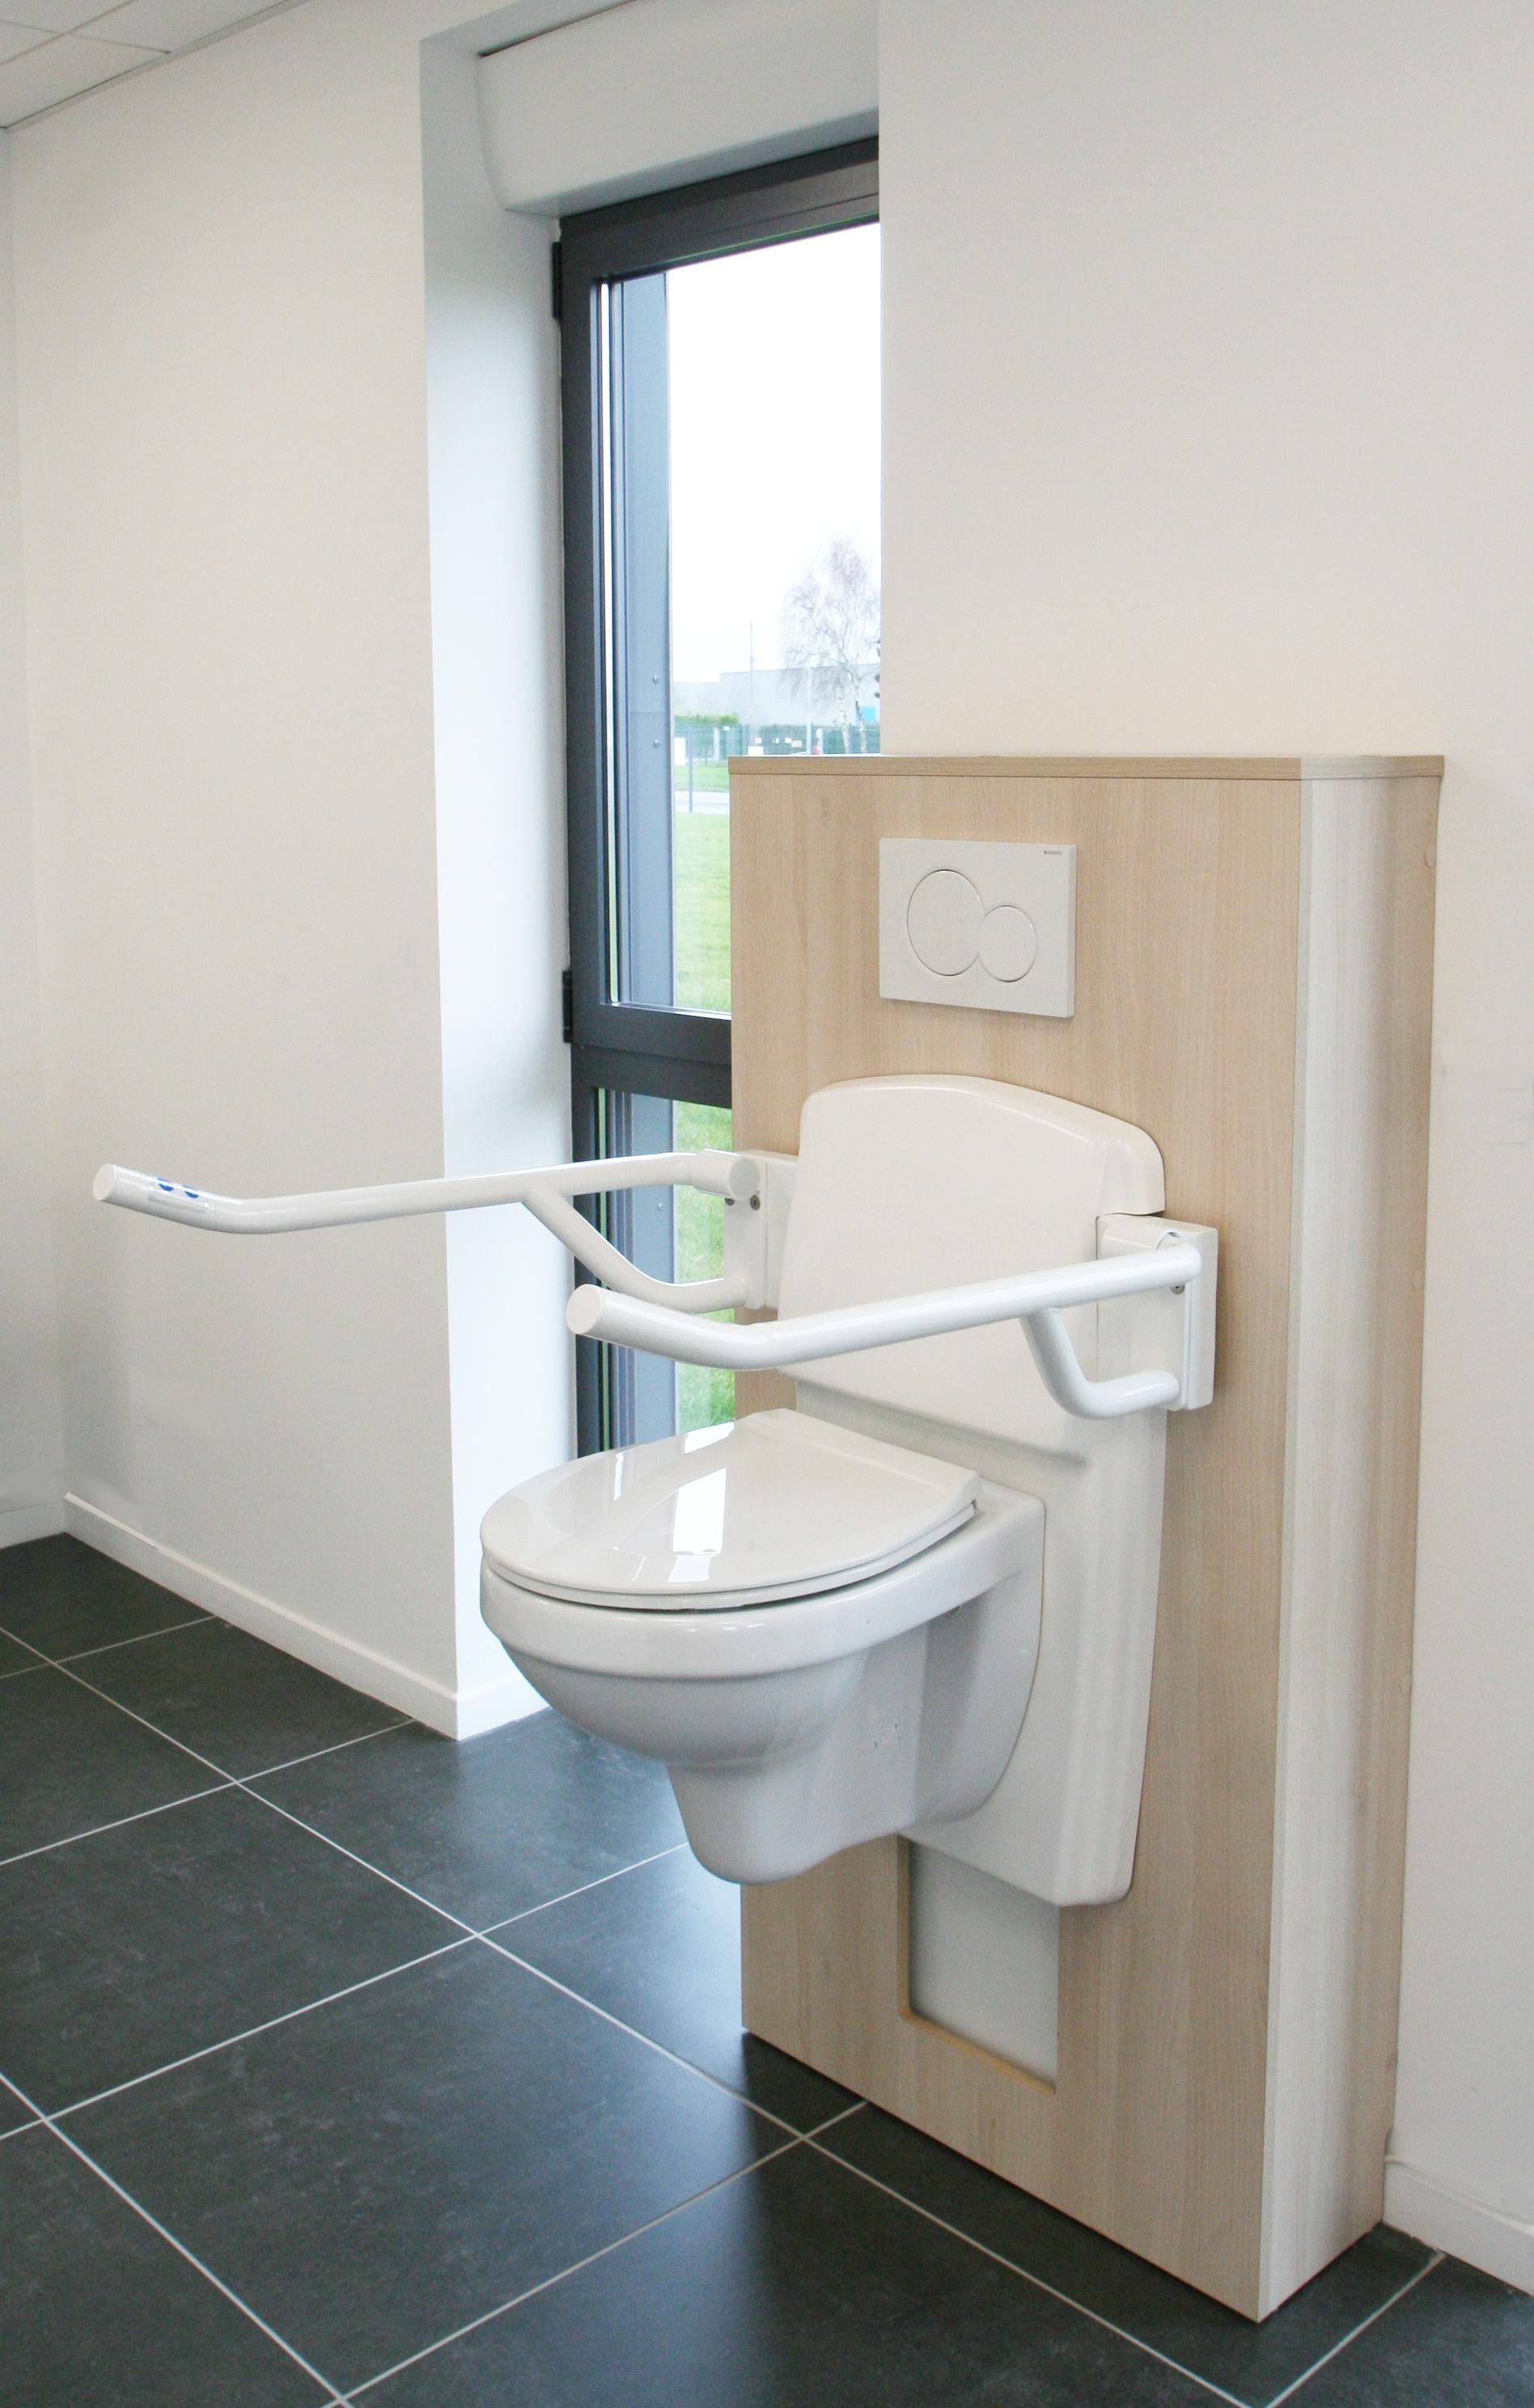 Meubles Salle De Bain Personnes Handicapées salle de bain à mobilier adapté - modulhome